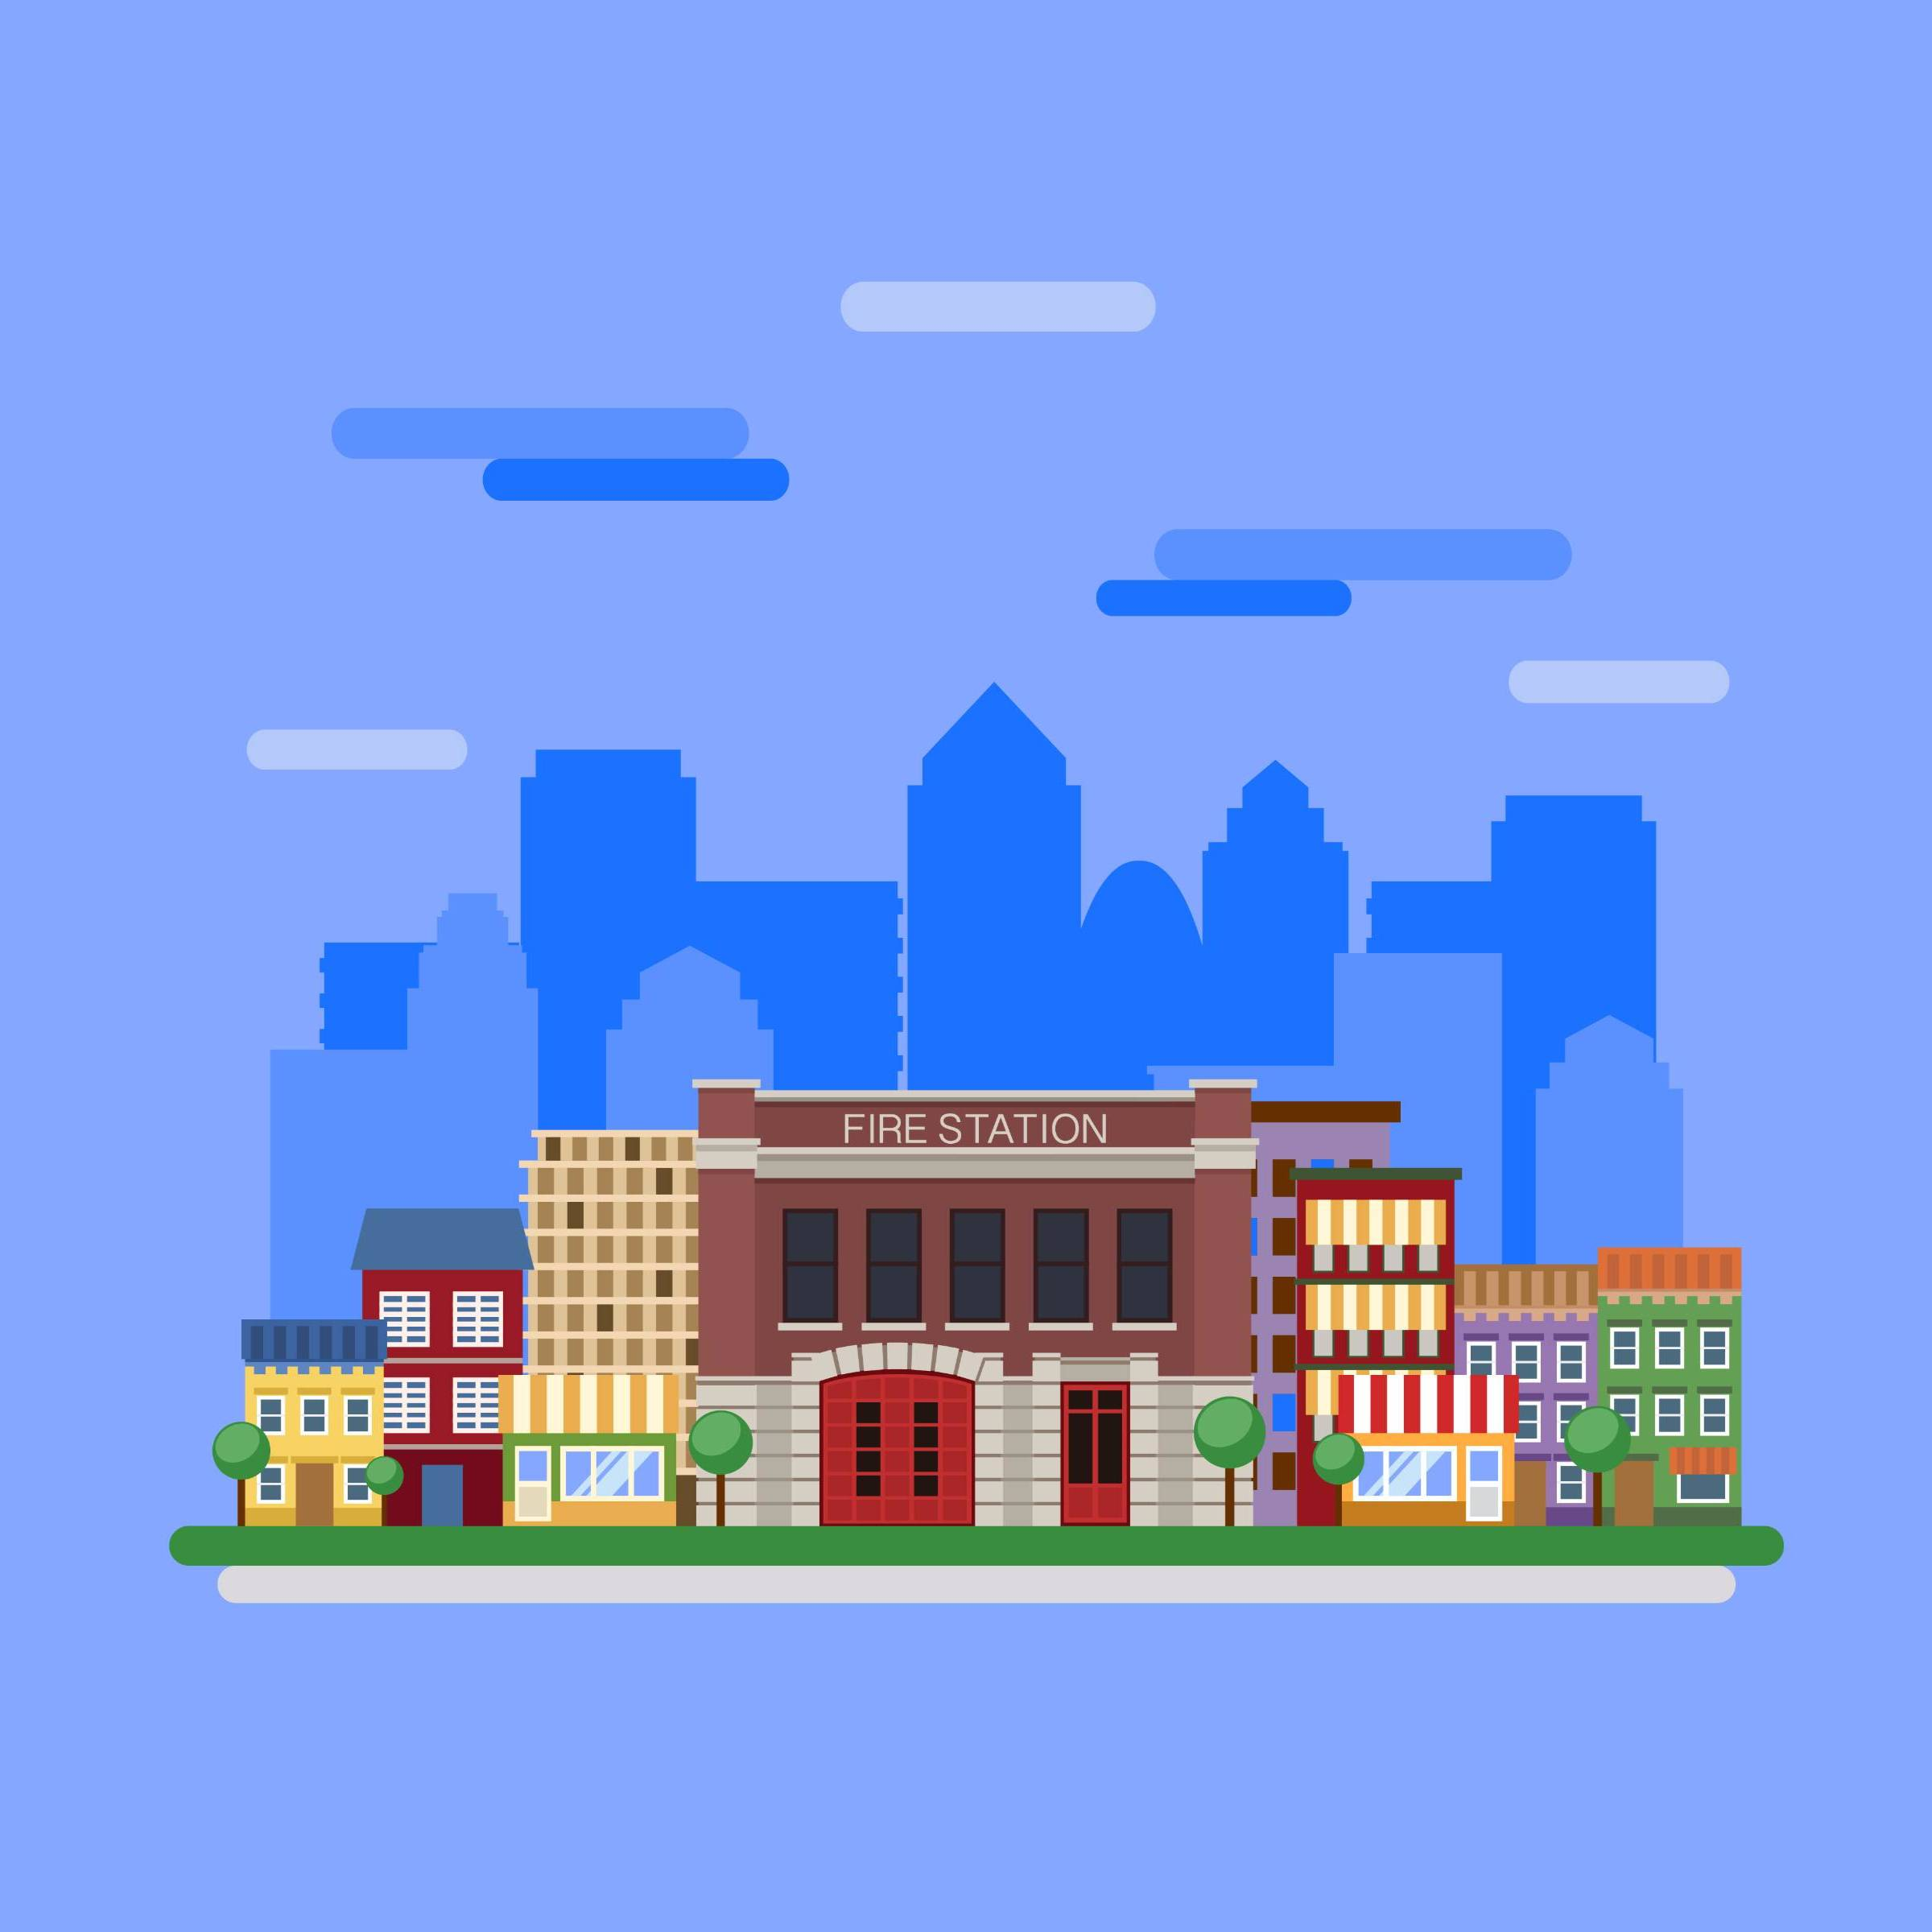 扁平化城市图